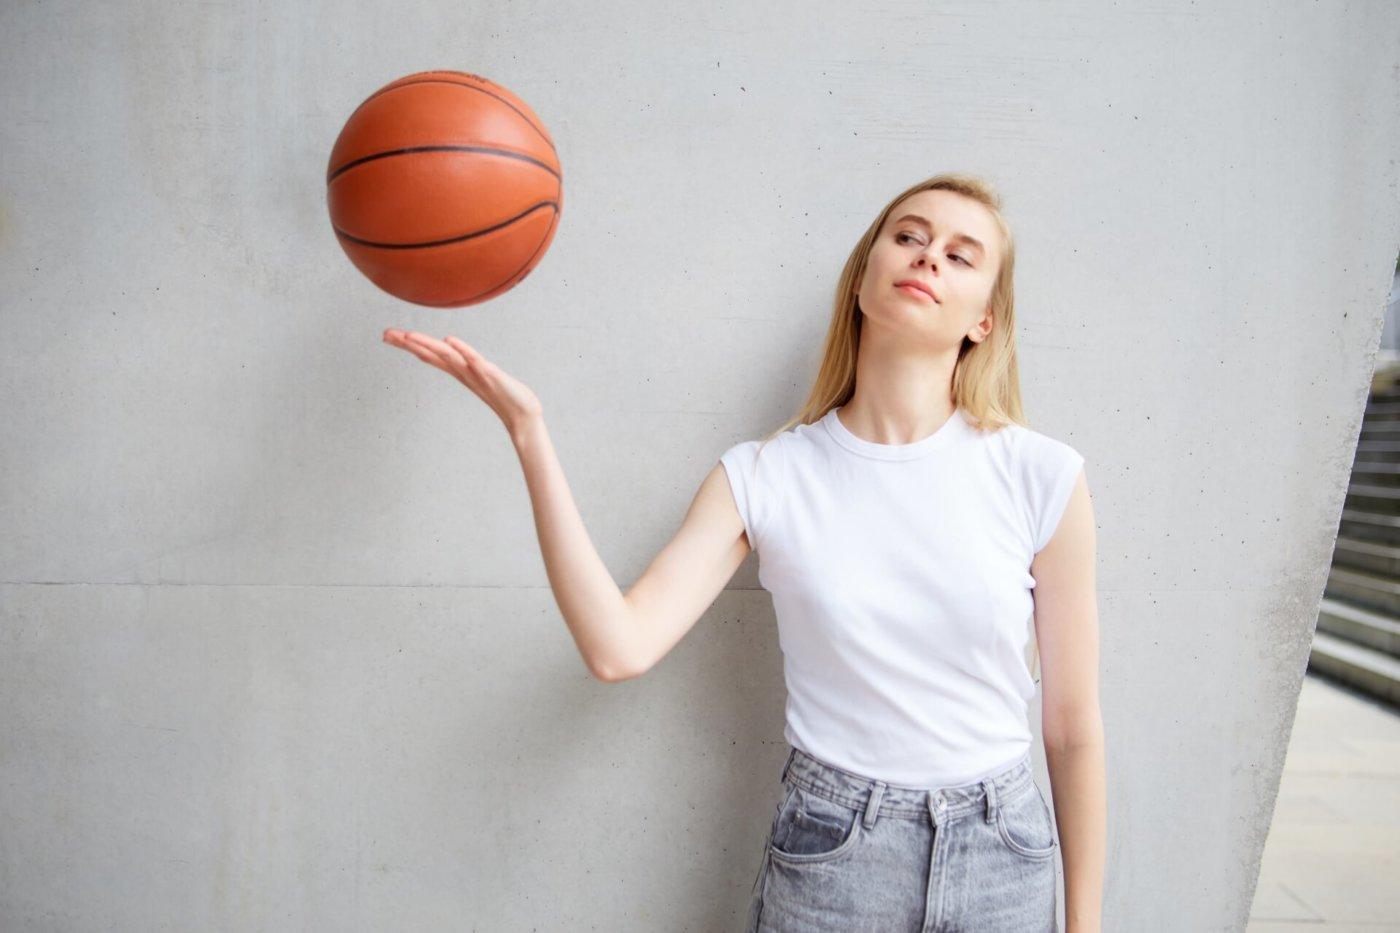 大阪のプロバスケチーム